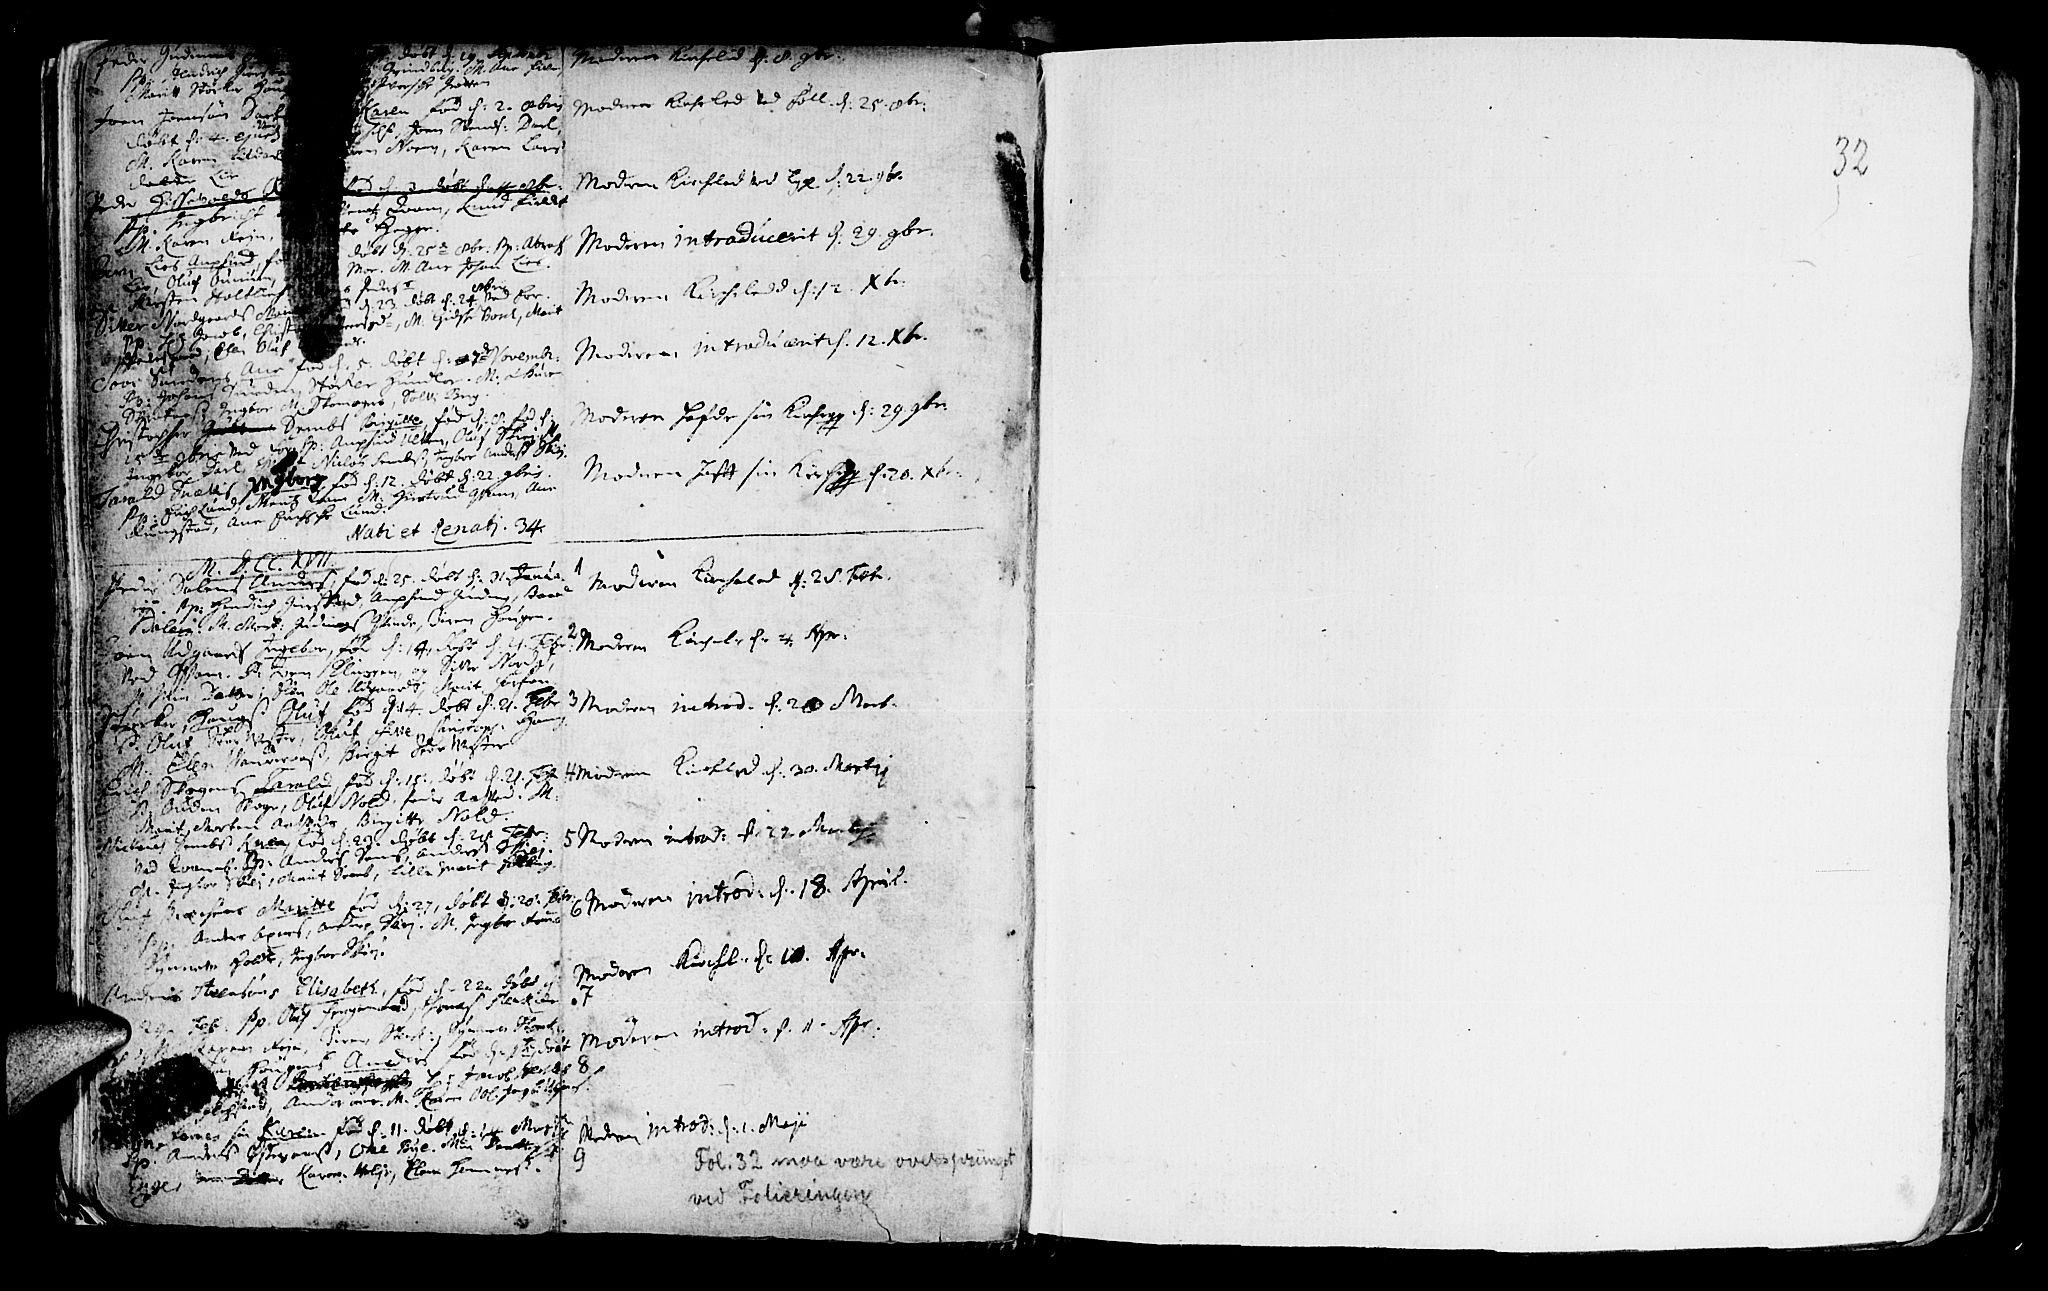 SAT, Ministerialprotokoller, klokkerbøker og fødselsregistre - Nord-Trøndelag, 746/L0439: Ministerialbok nr. 746A01, 1688-1759, s. 32